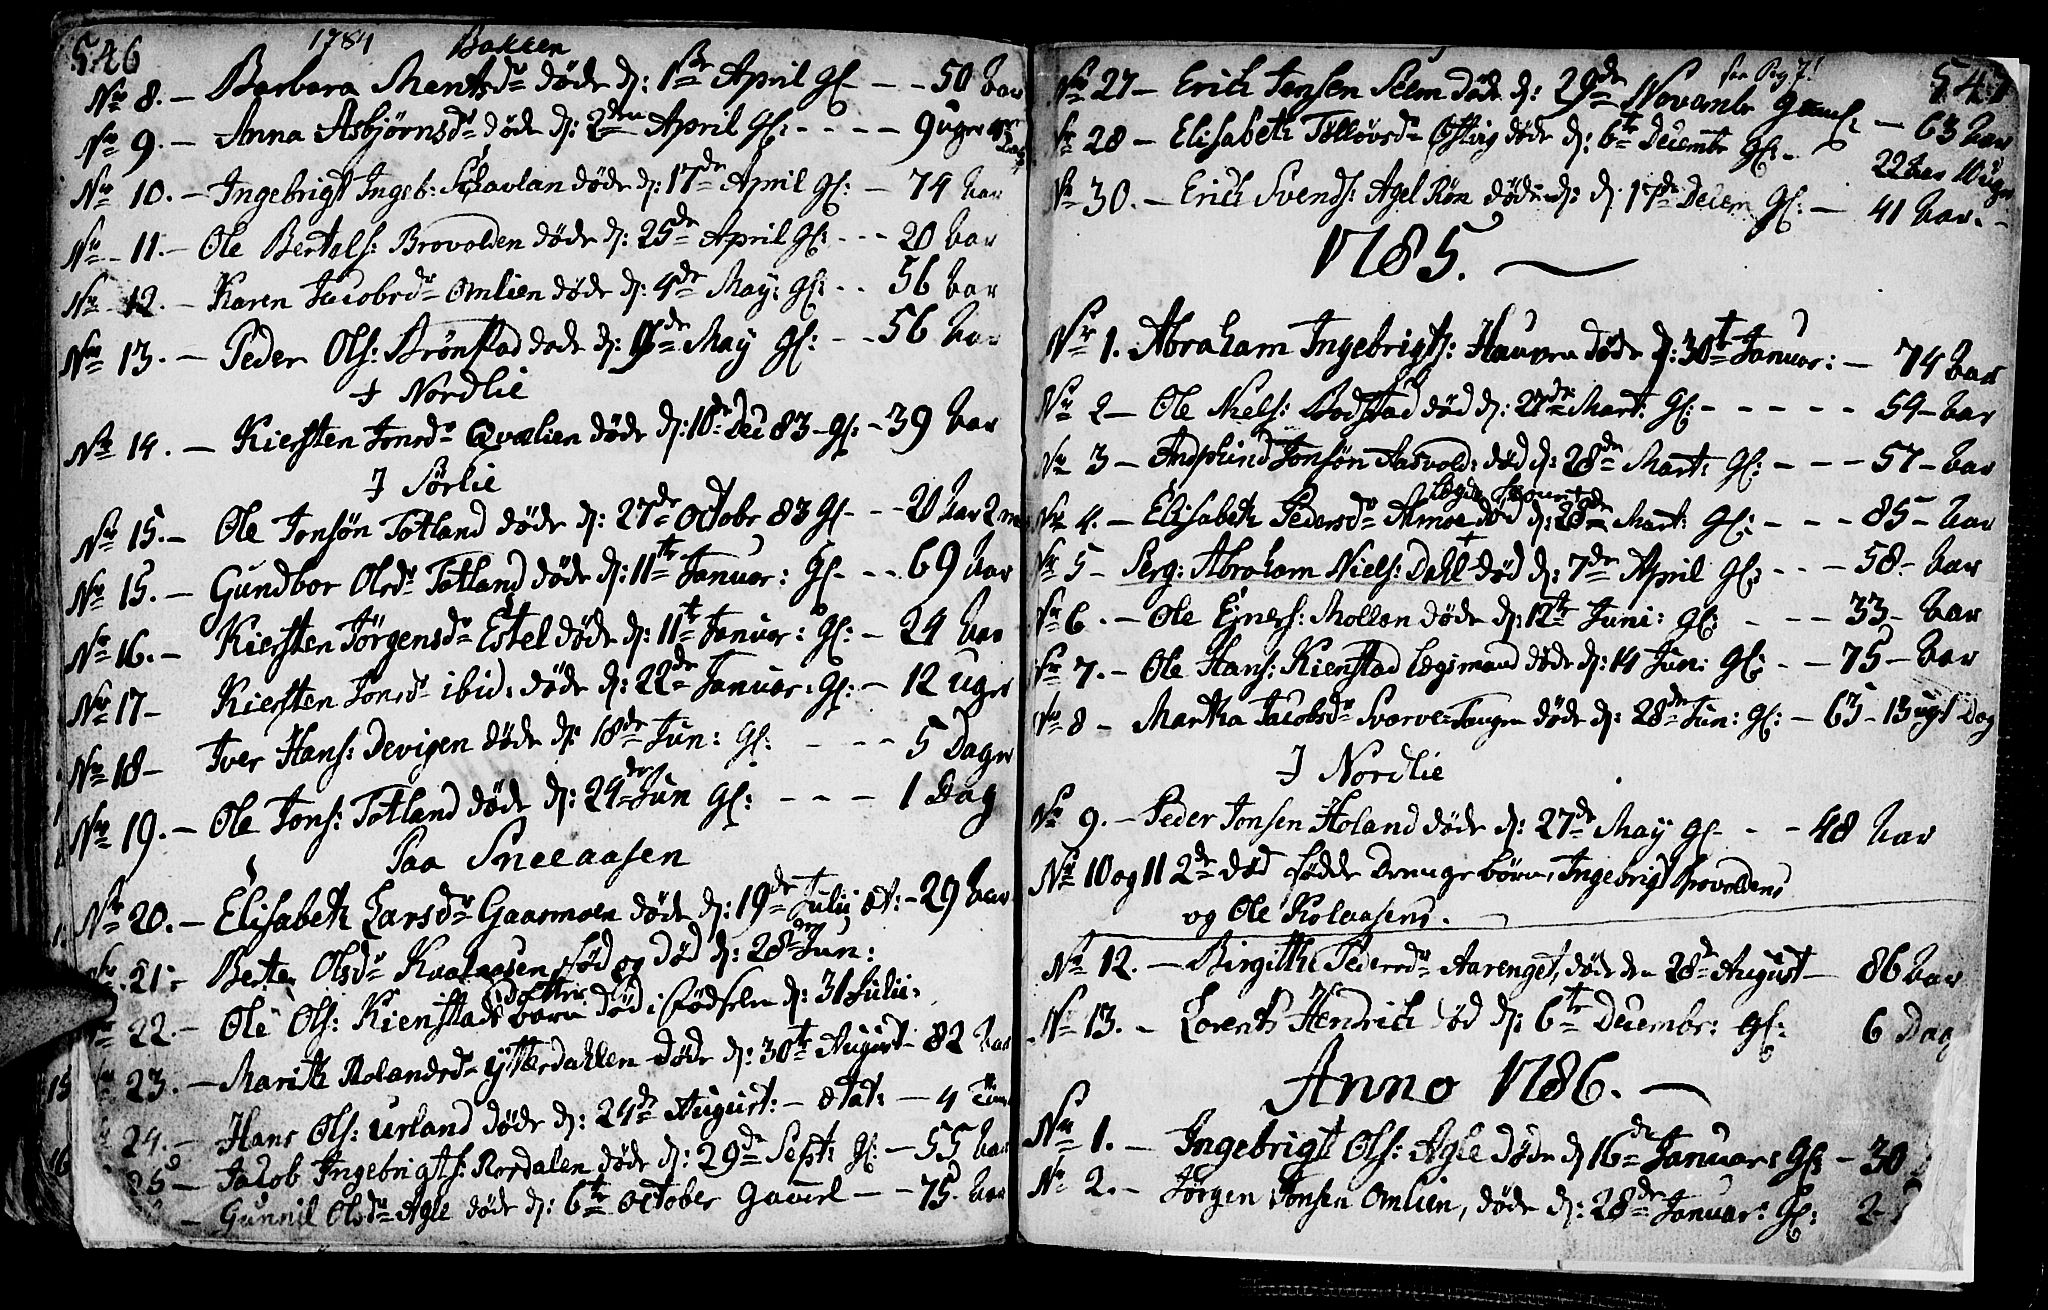 SAT, Ministerialprotokoller, klokkerbøker og fødselsregistre - Nord-Trøndelag, 749/L0467: Ministerialbok nr. 749A01, 1733-1787, s. 546-547